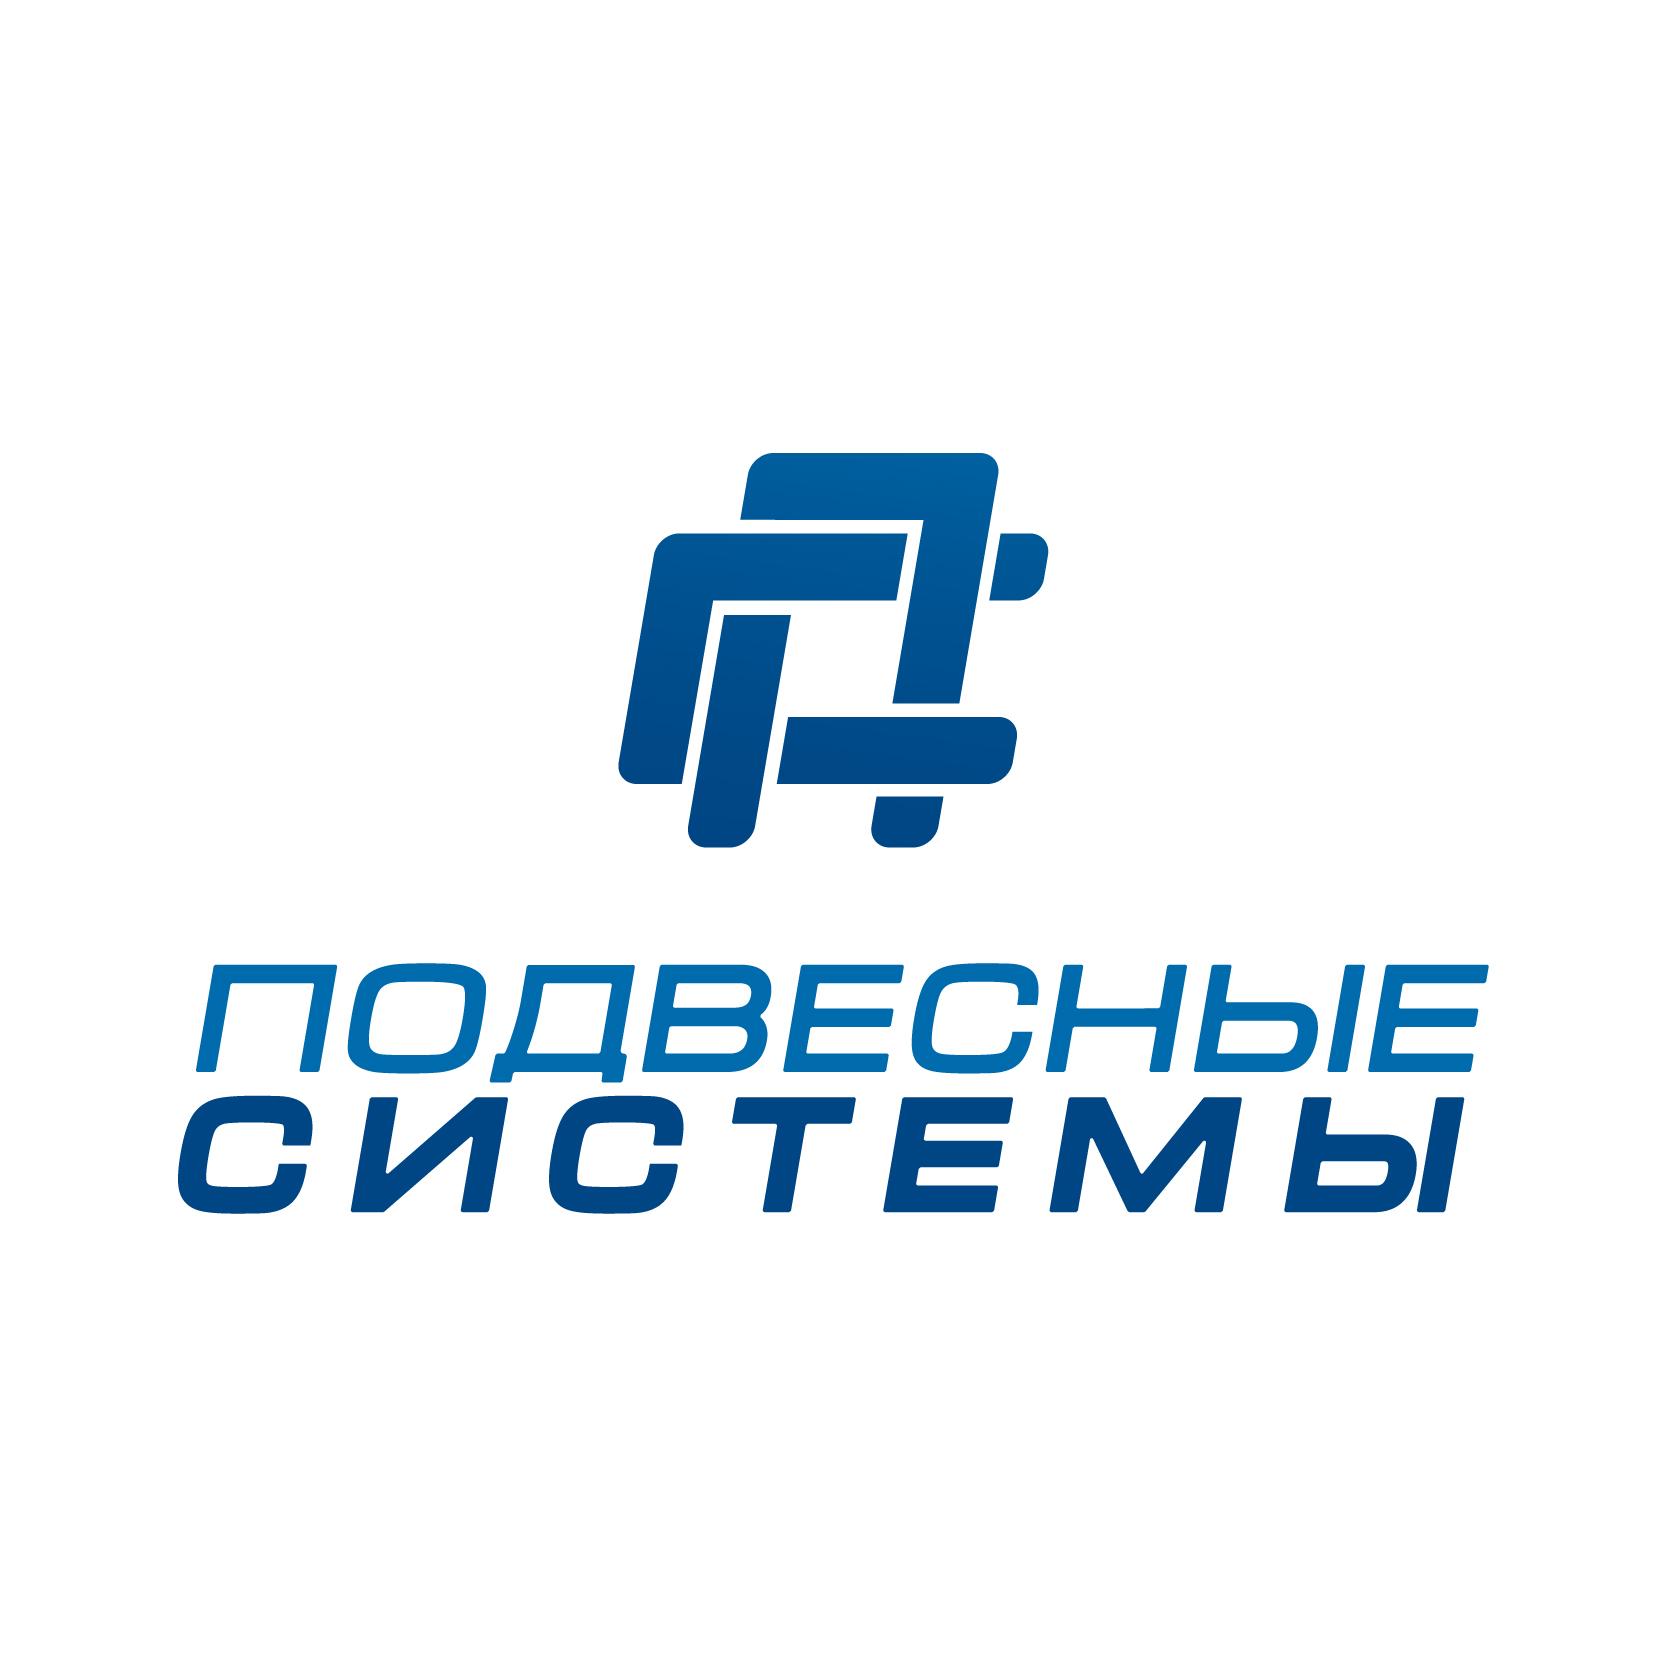 Работа в компании «Подвесные системы» в Реутова